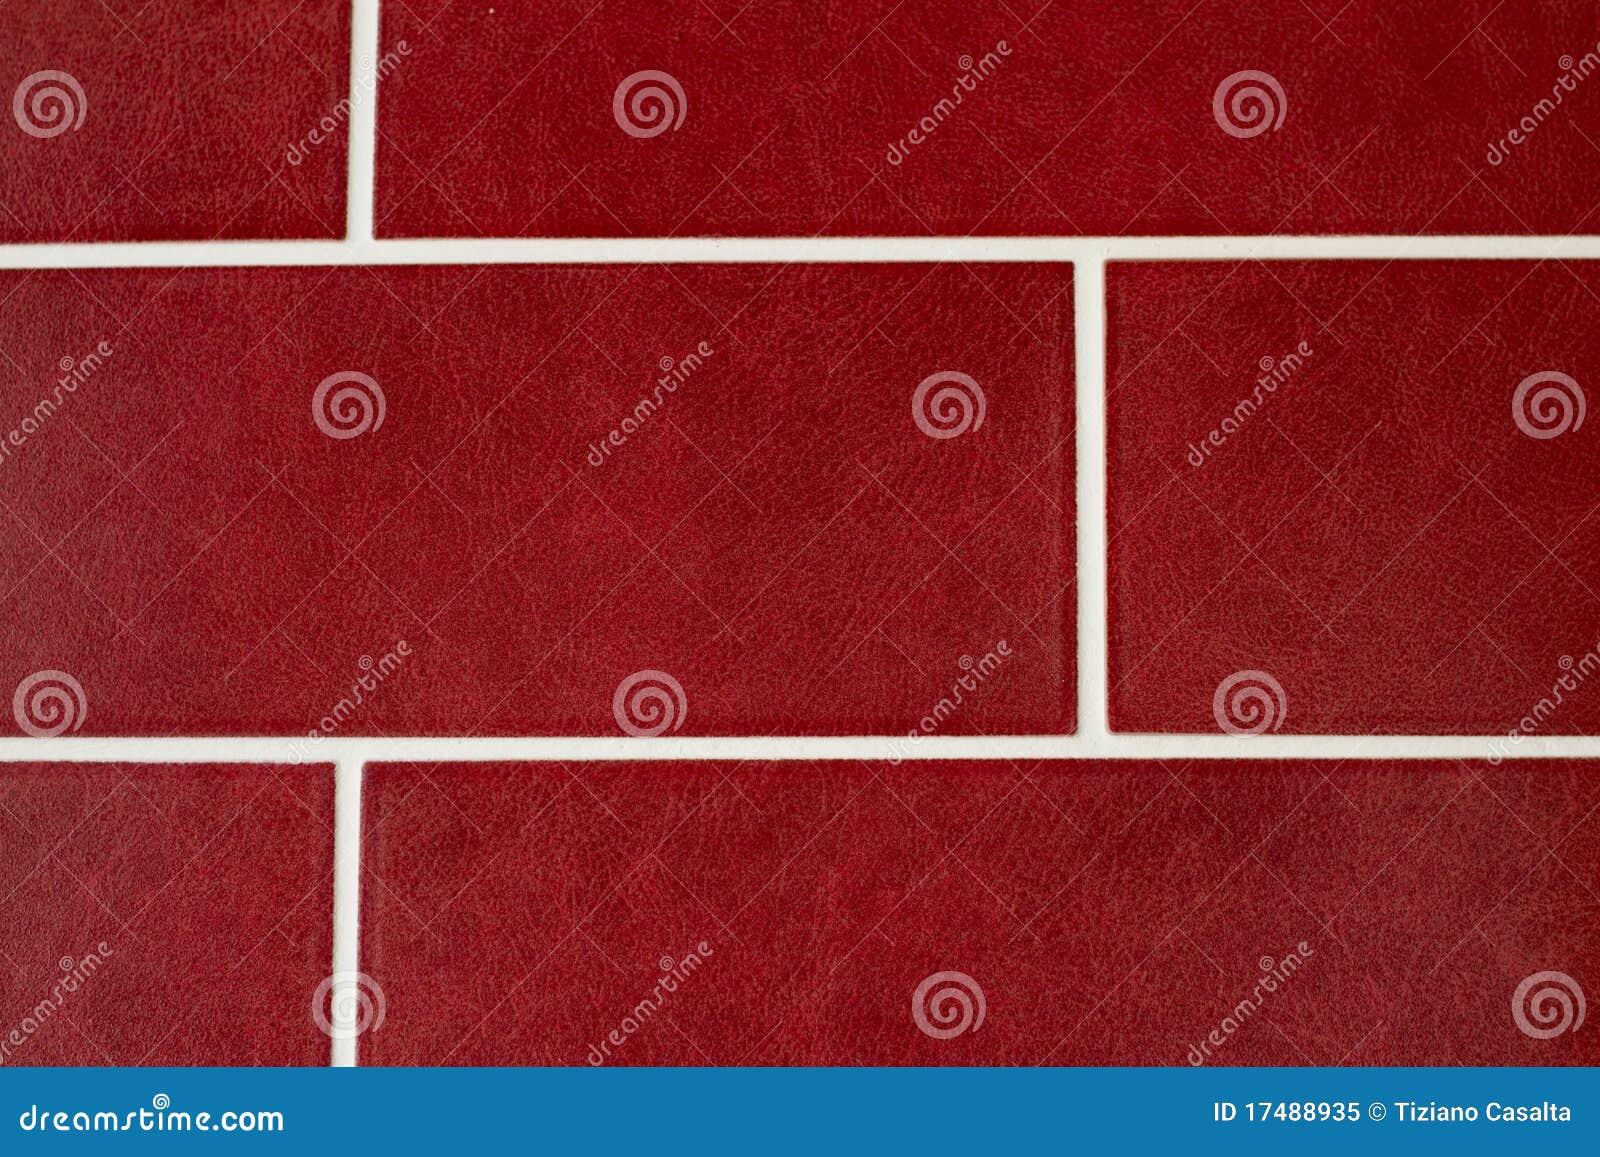 Rote fliesen stockbild bild von tapete auslegung wand - Rote tapete ...